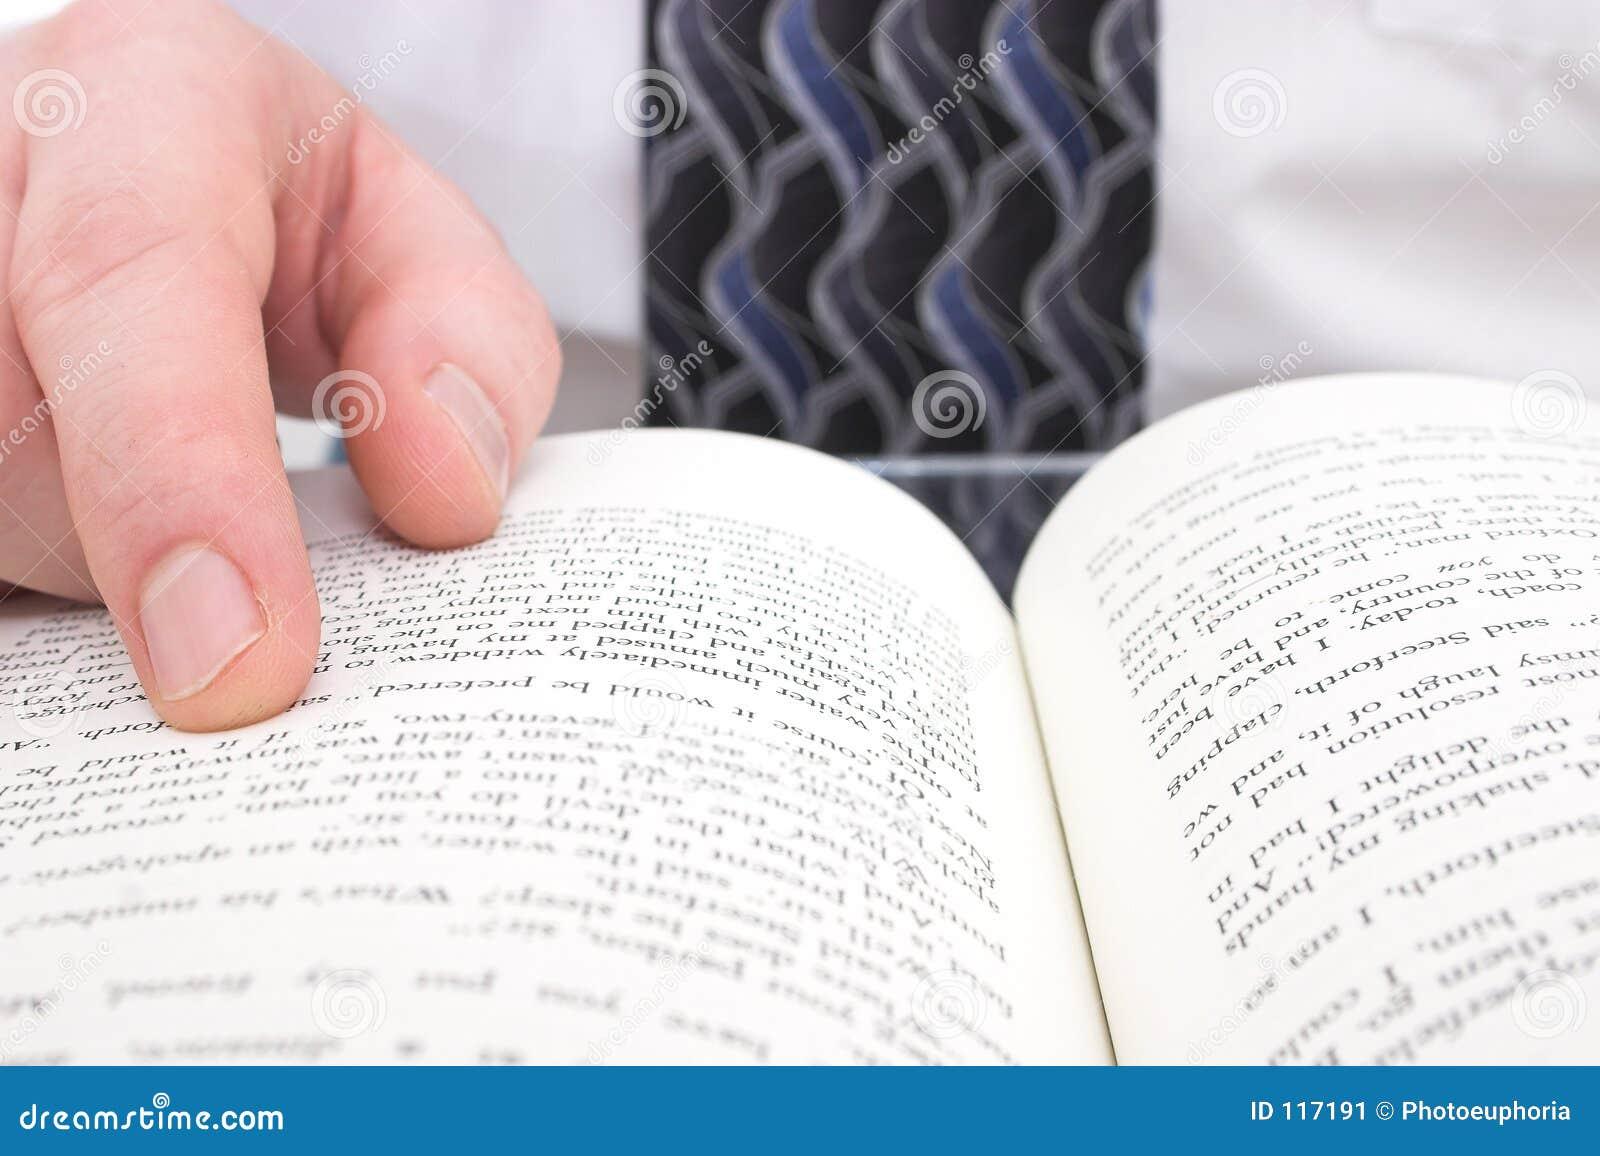 Hand des Mannes auf geöffnetem Buch